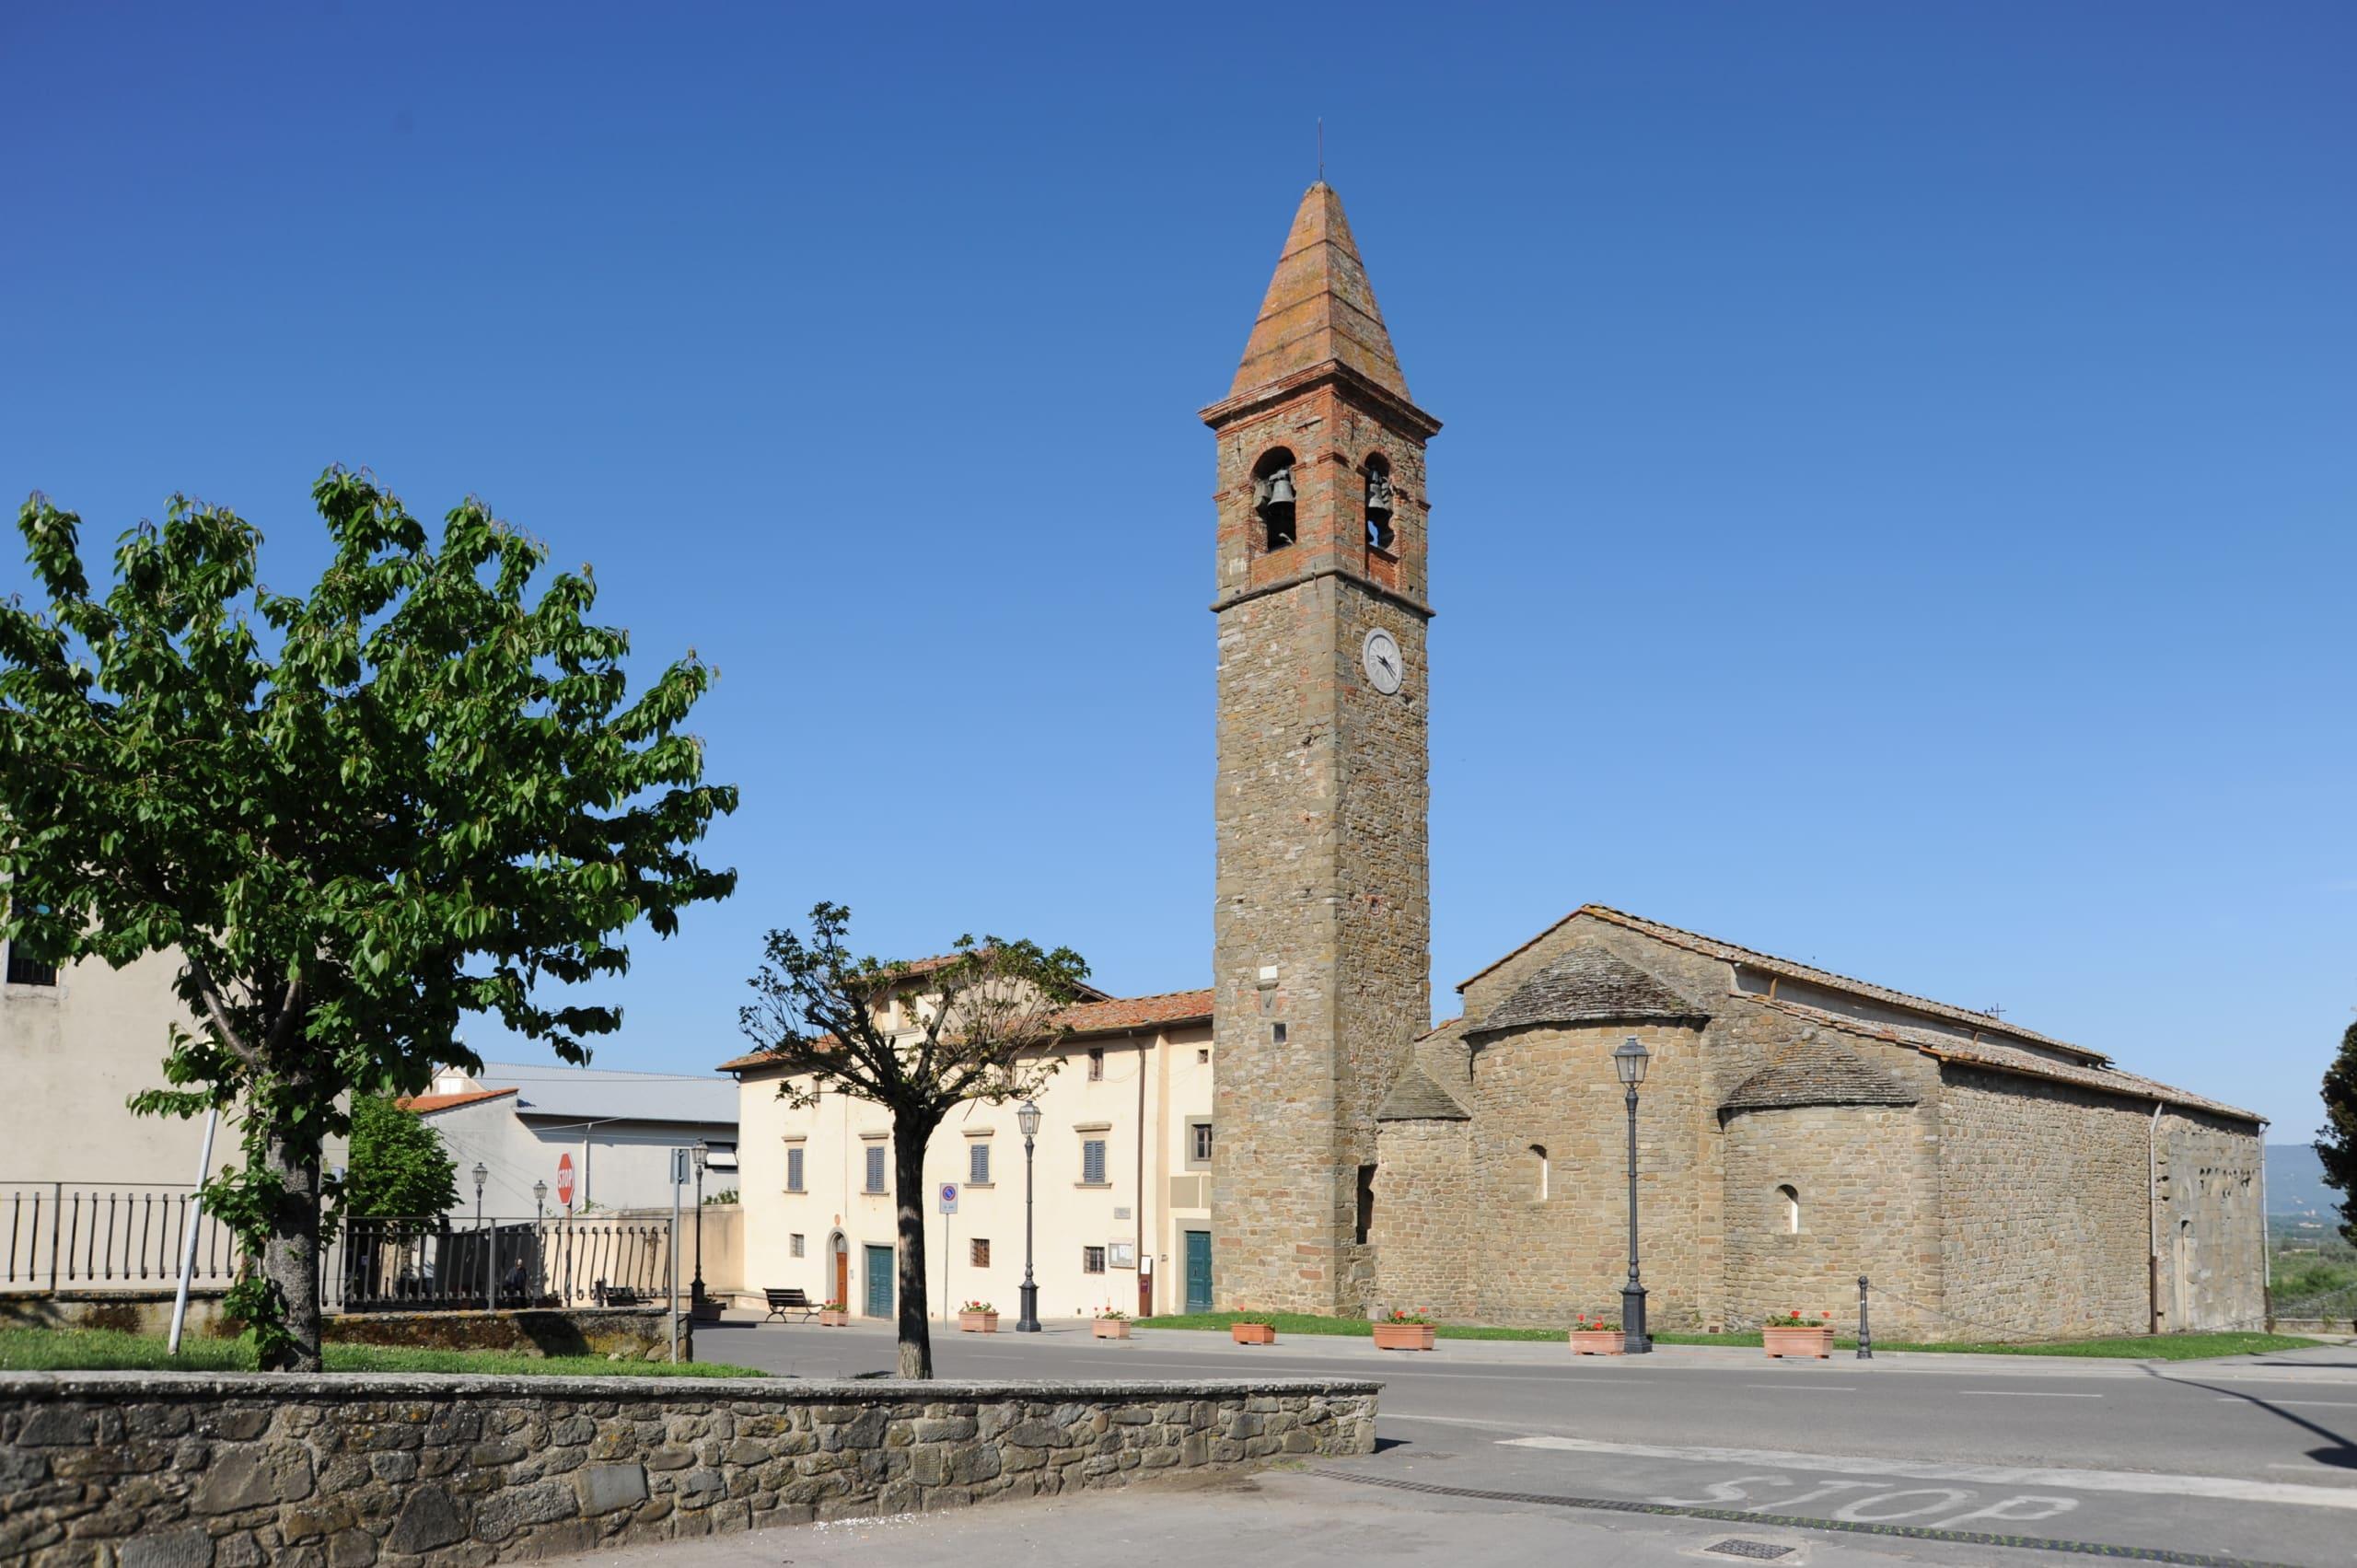 Pieve di Santa Maria a Sco'